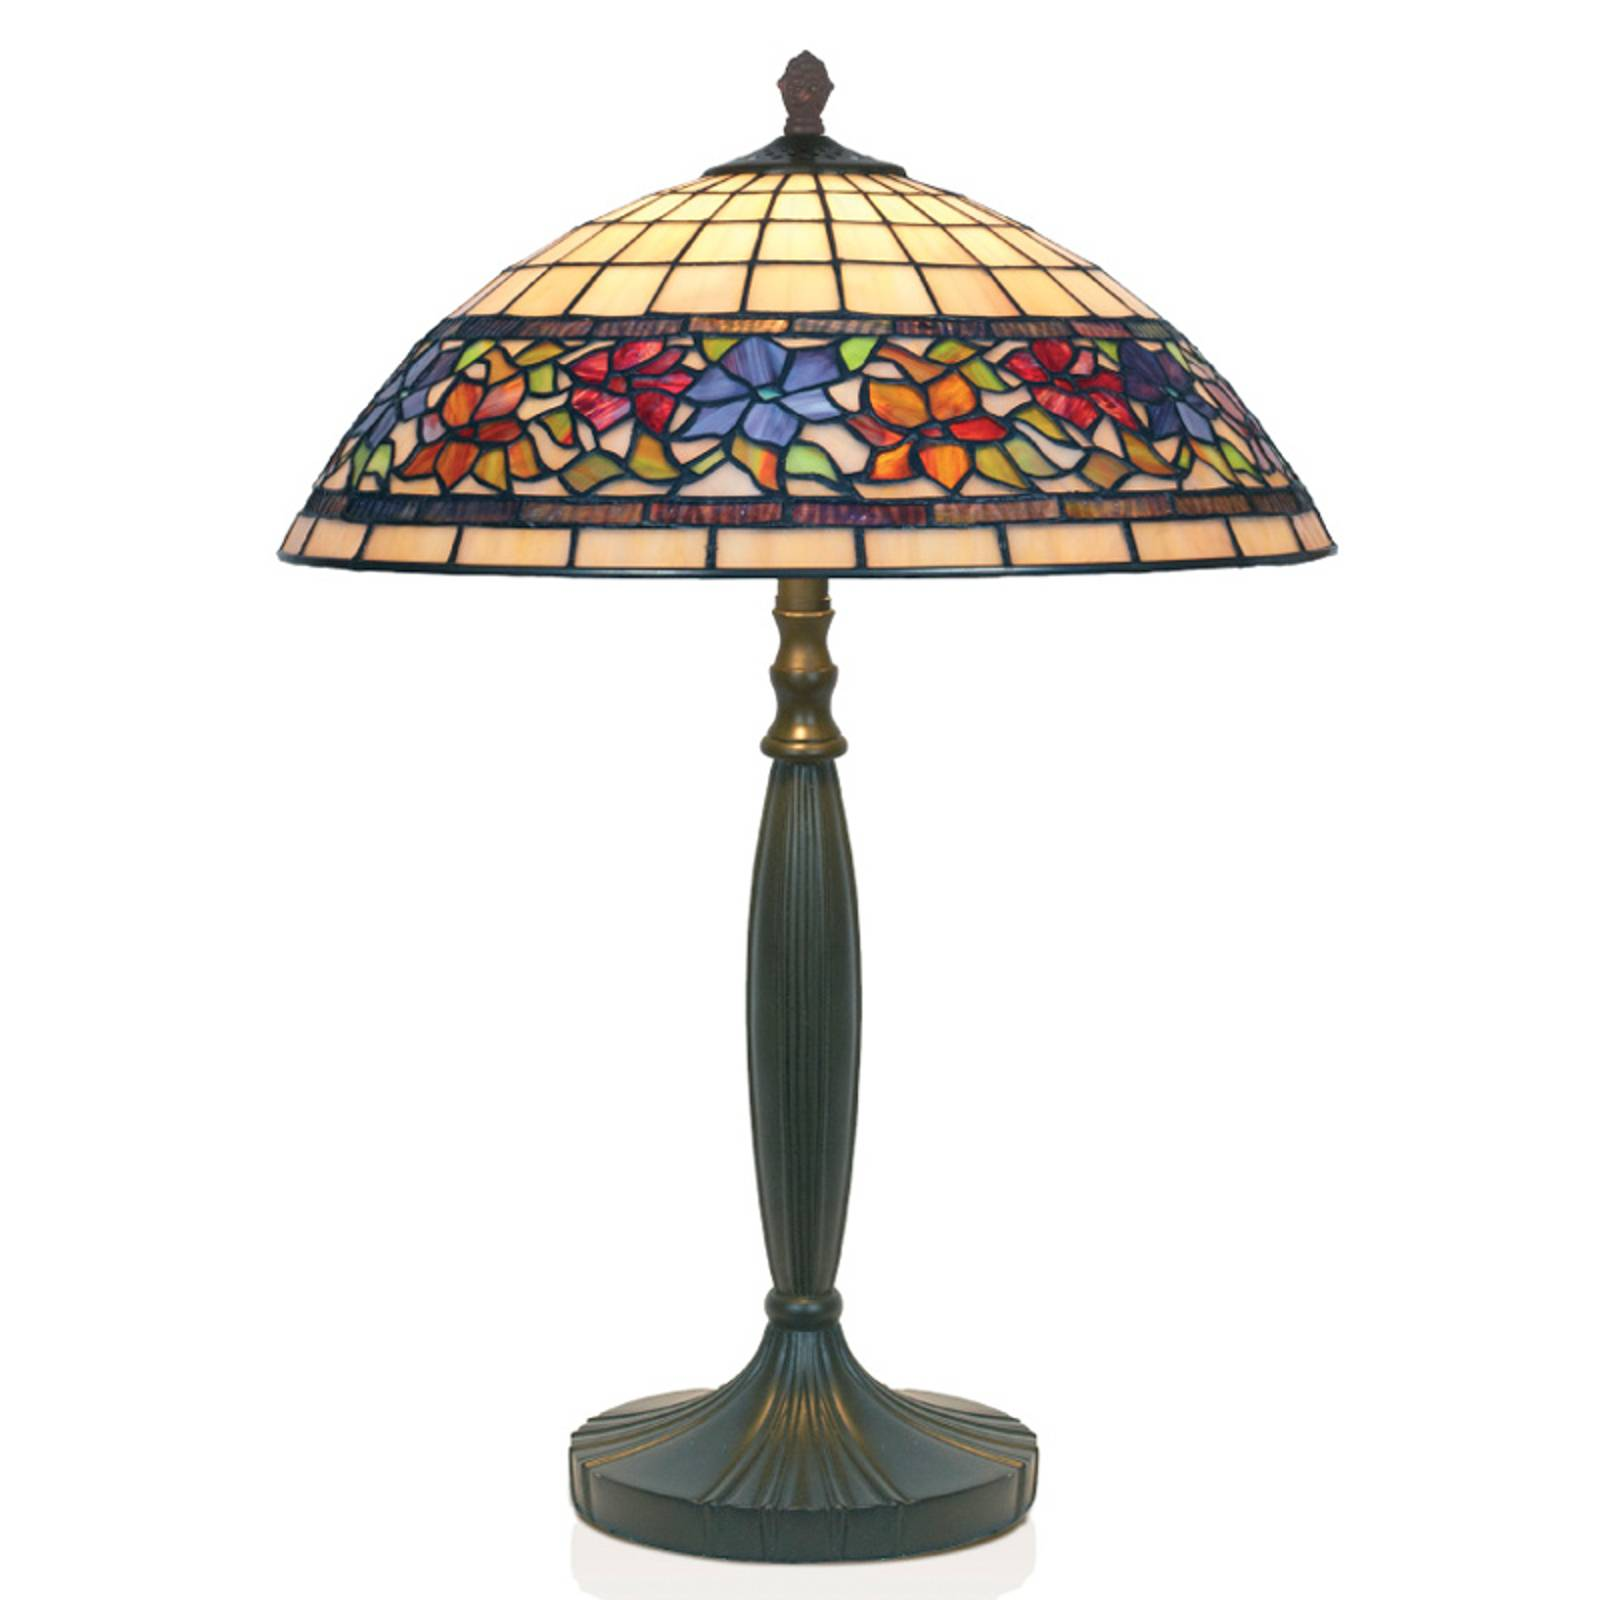 Tischlampe Flora im Tiffanystil, unten offen, 62cm günstig online kaufen